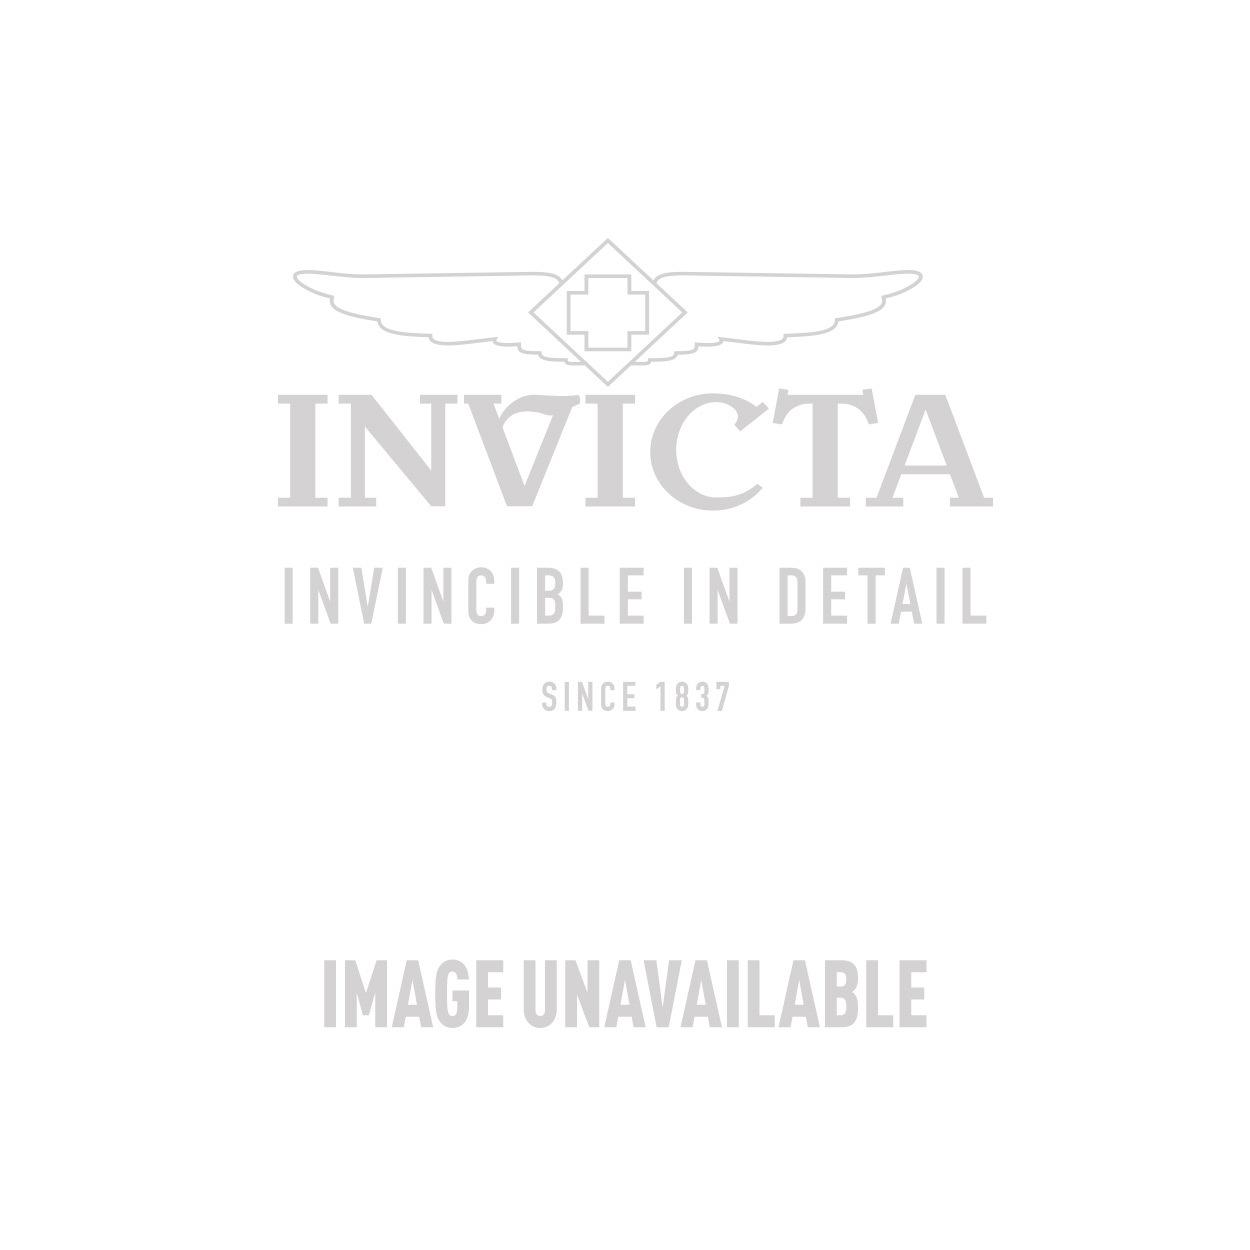 Invicta Model 22992